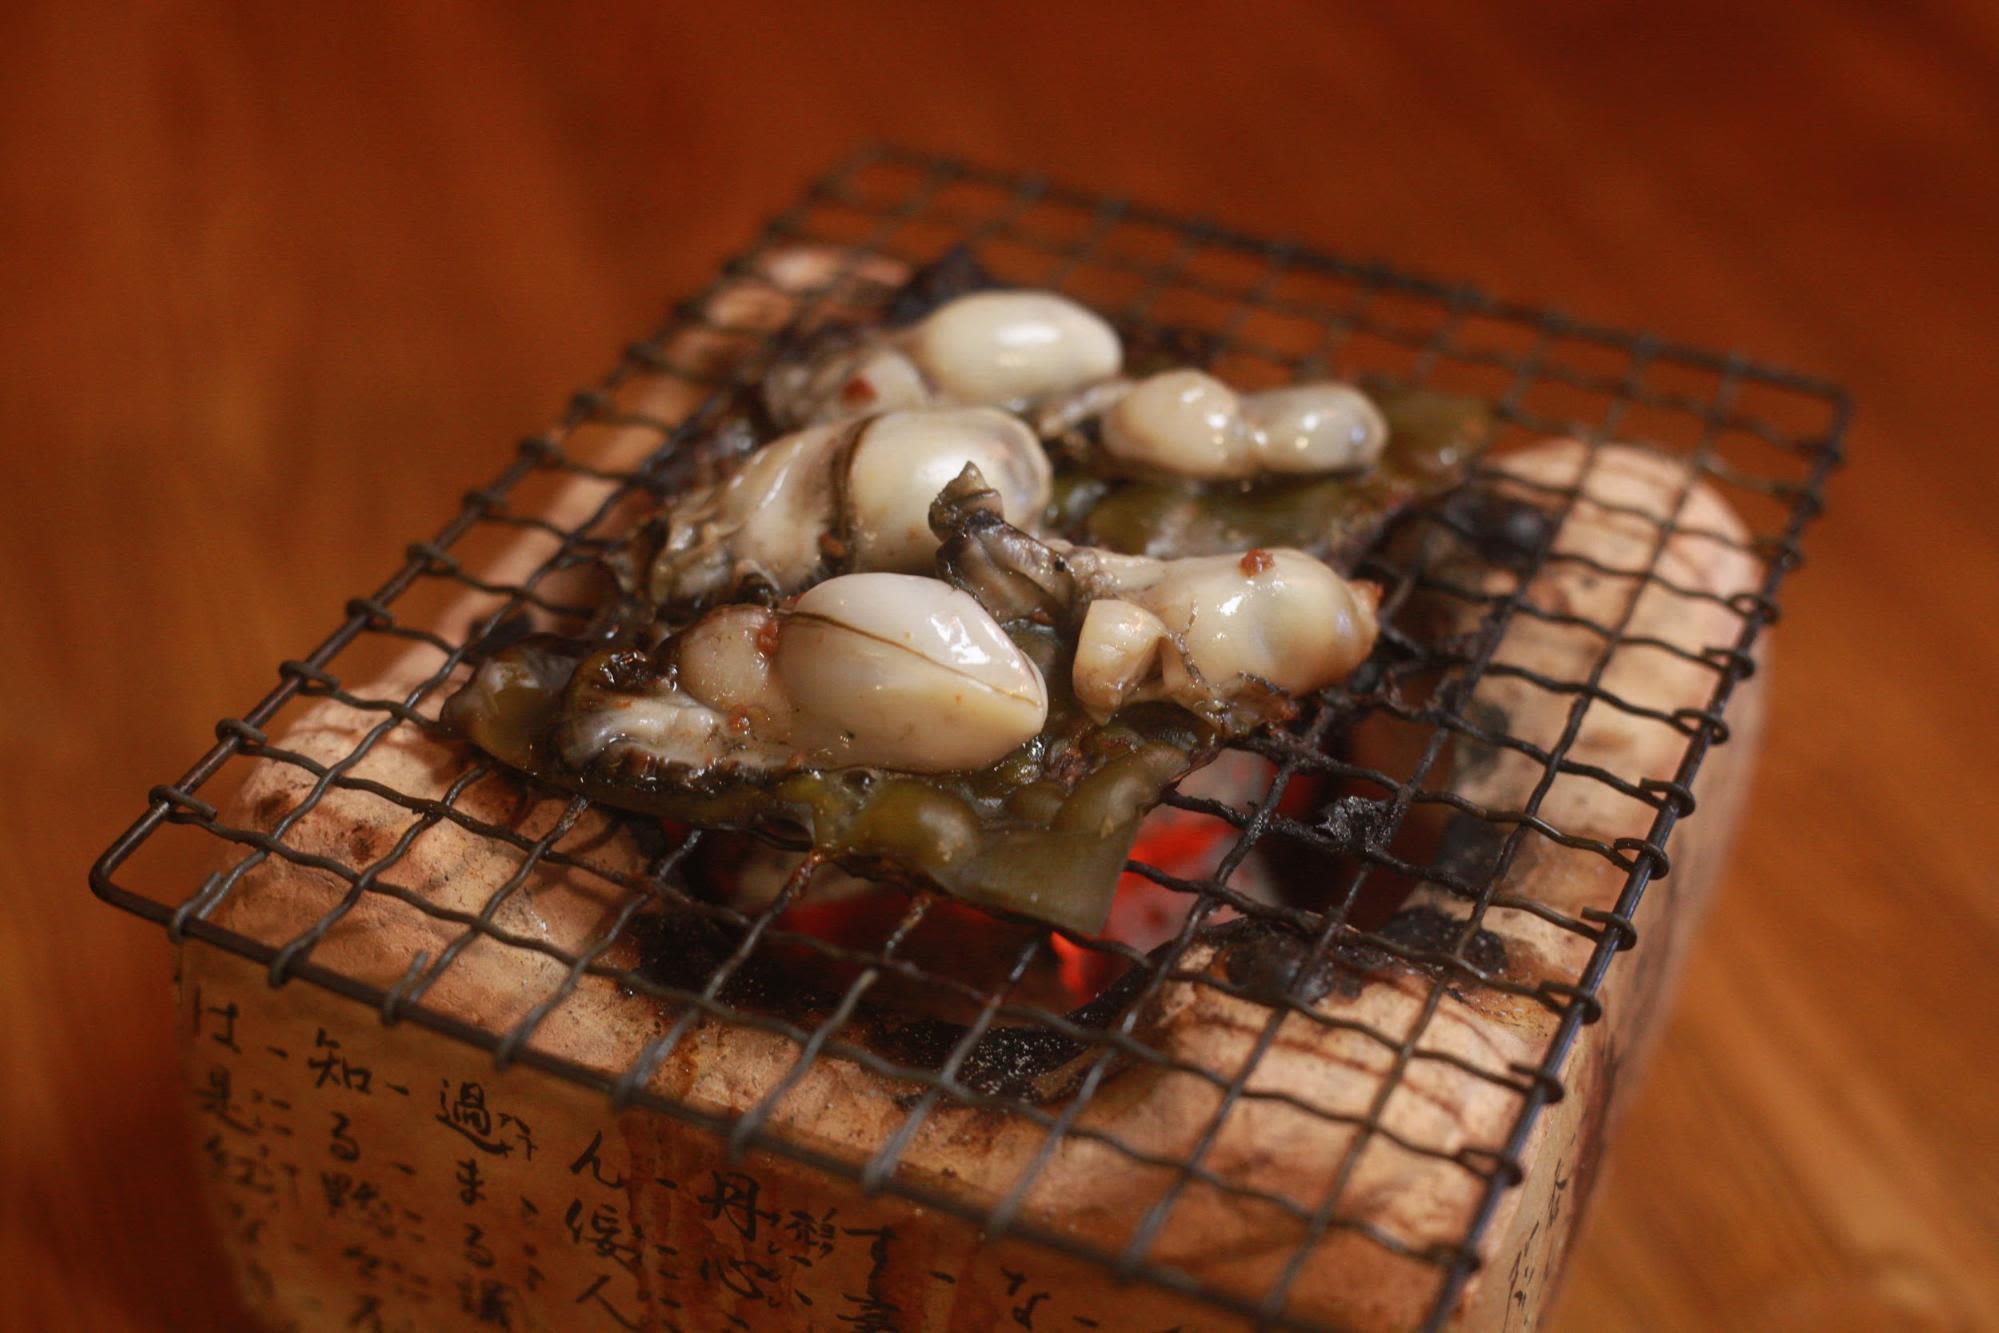 món nướng cũng là một nét đặc sắc của ẩm thực hokkaido